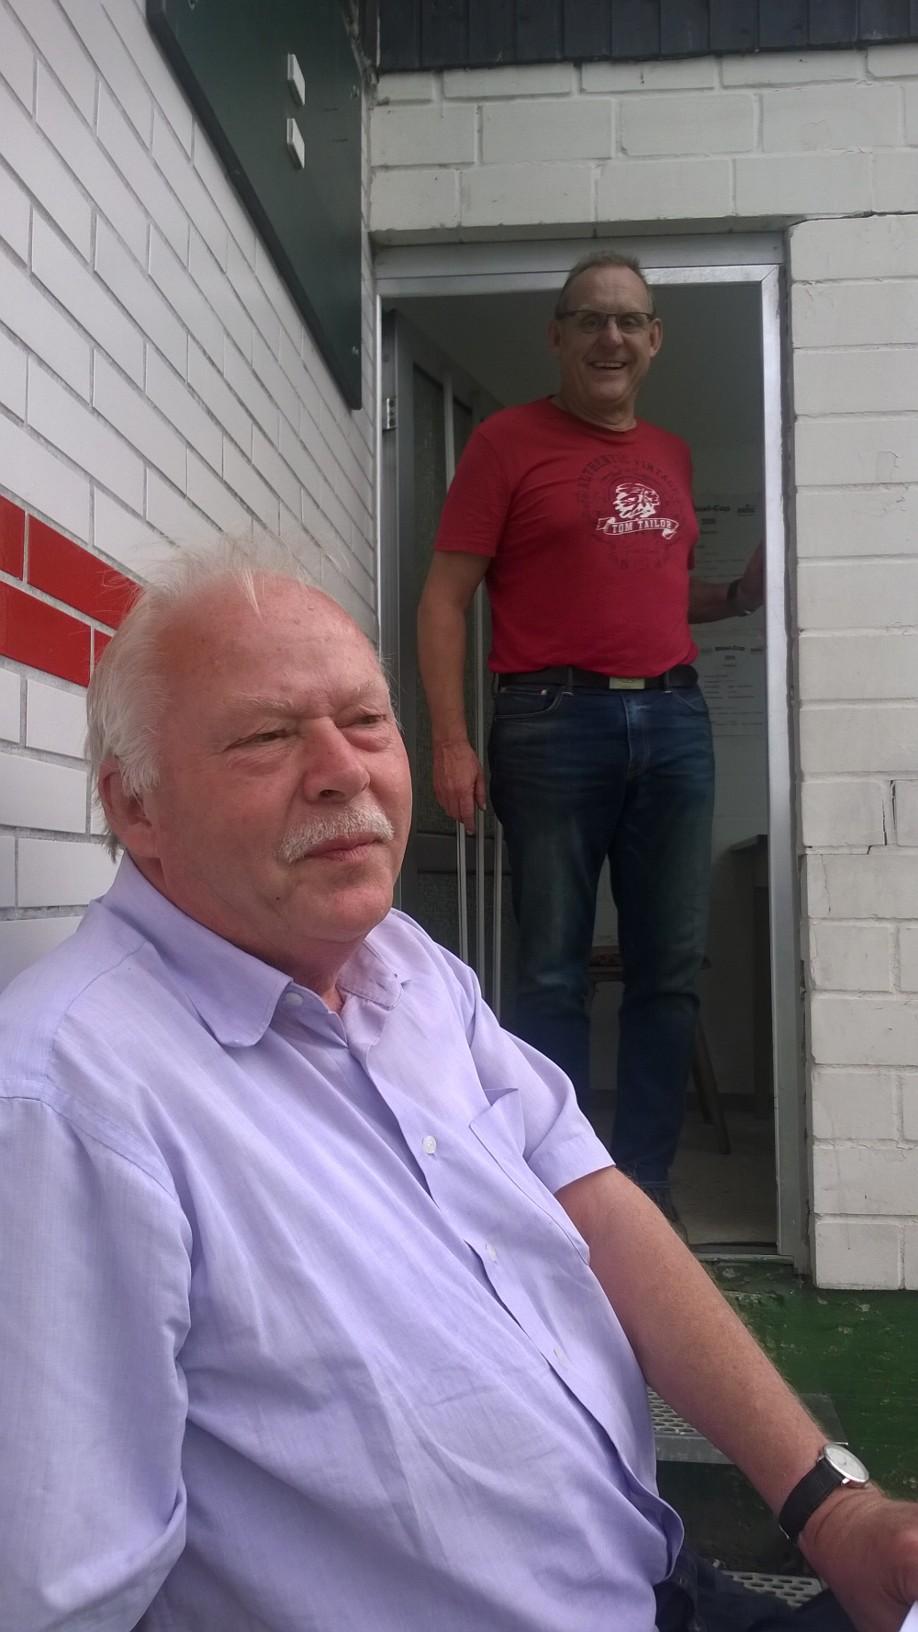 Kurt und Reinhard - der eine schreibt, der andere ist immer auf Ballhöhe. Danke an Reinhard für den sehr guten Ergebnis-Service